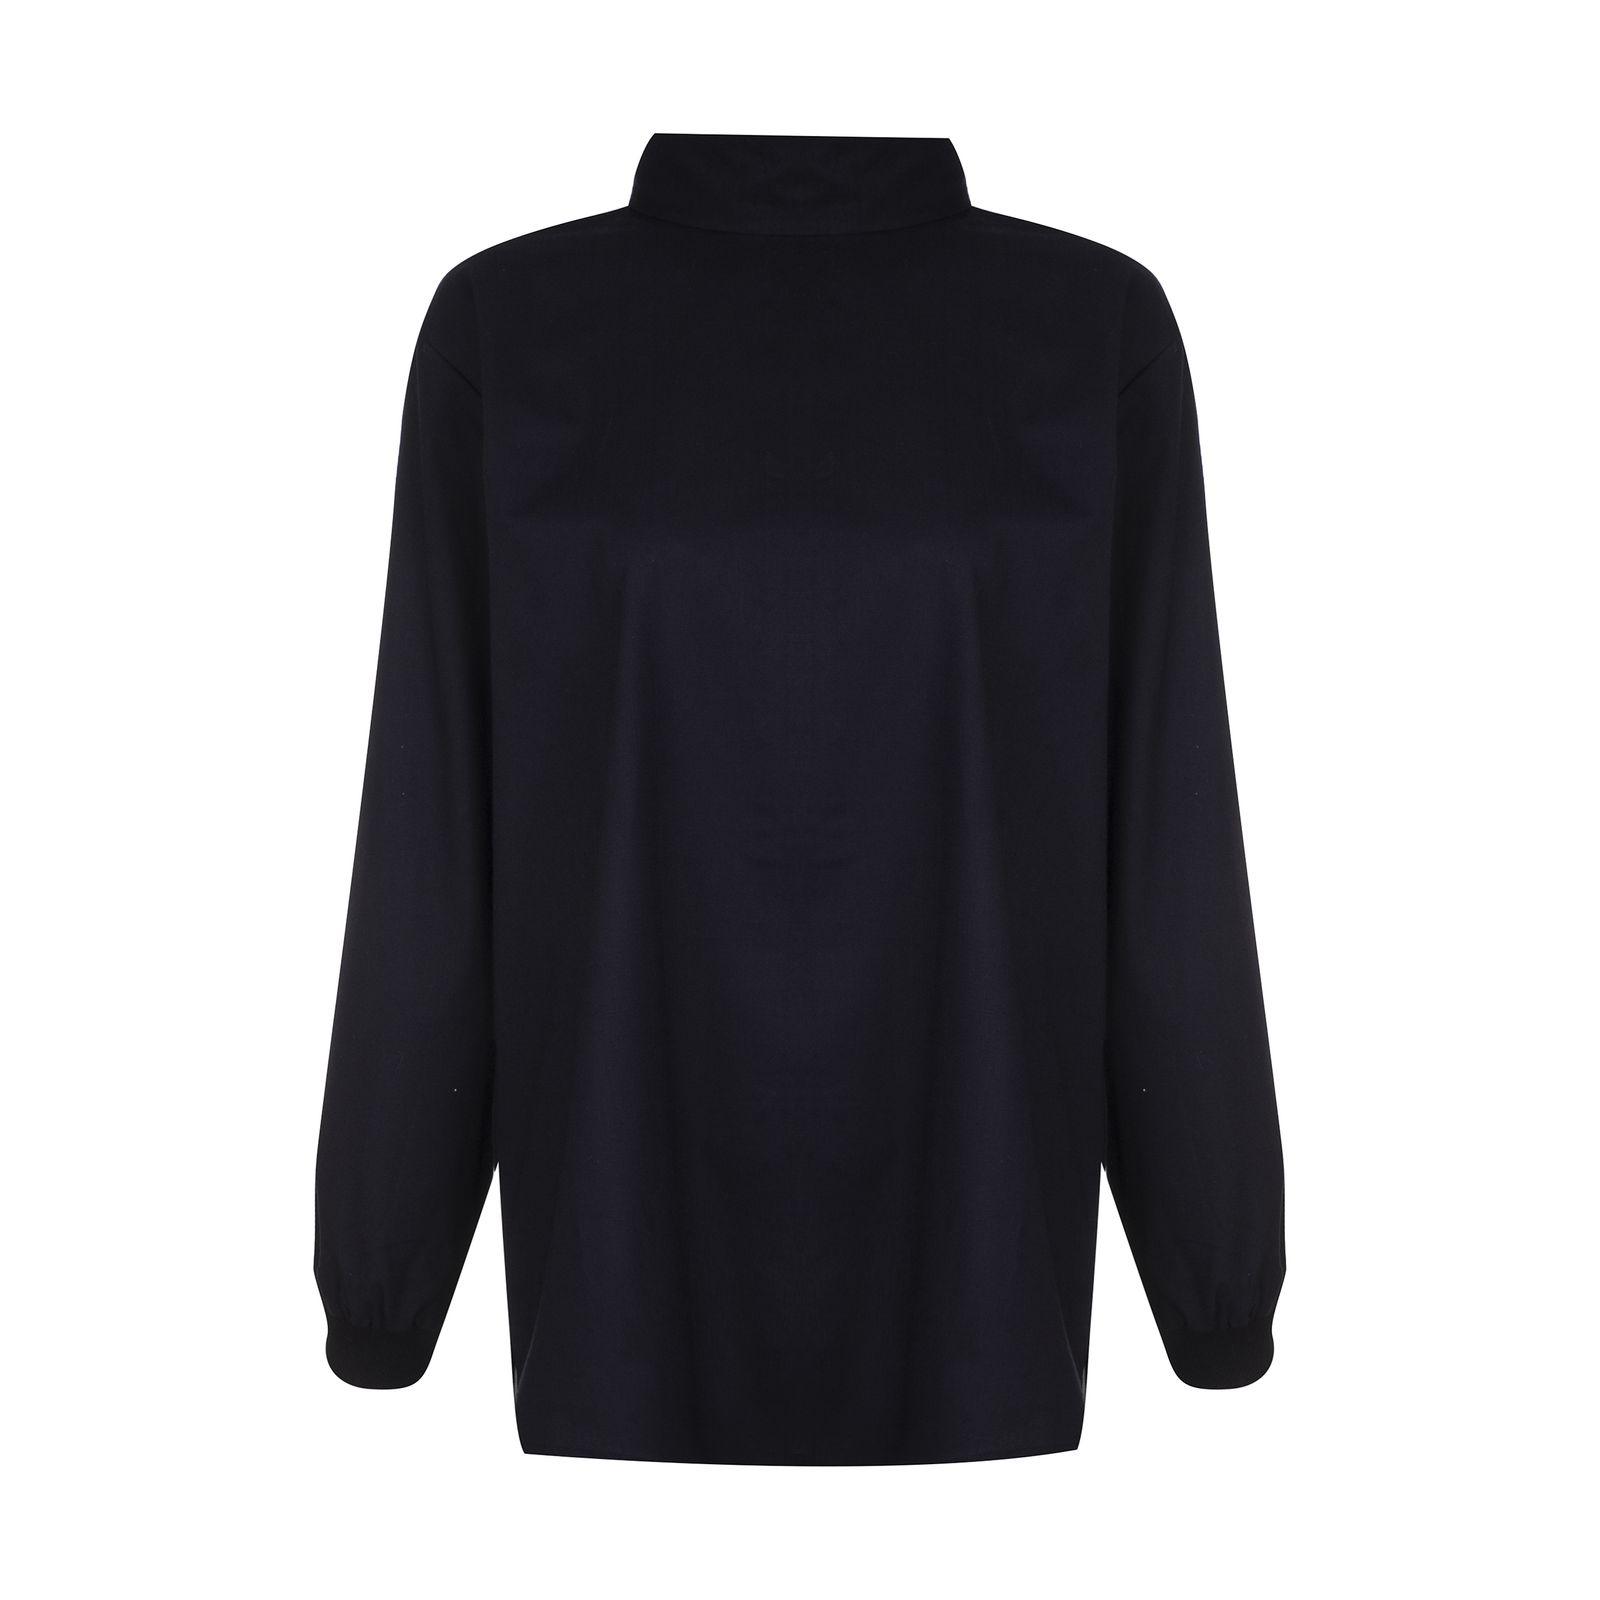 پیراهن آستین بلند مردانه هیتو استایل مدل D127F270 -  - 1